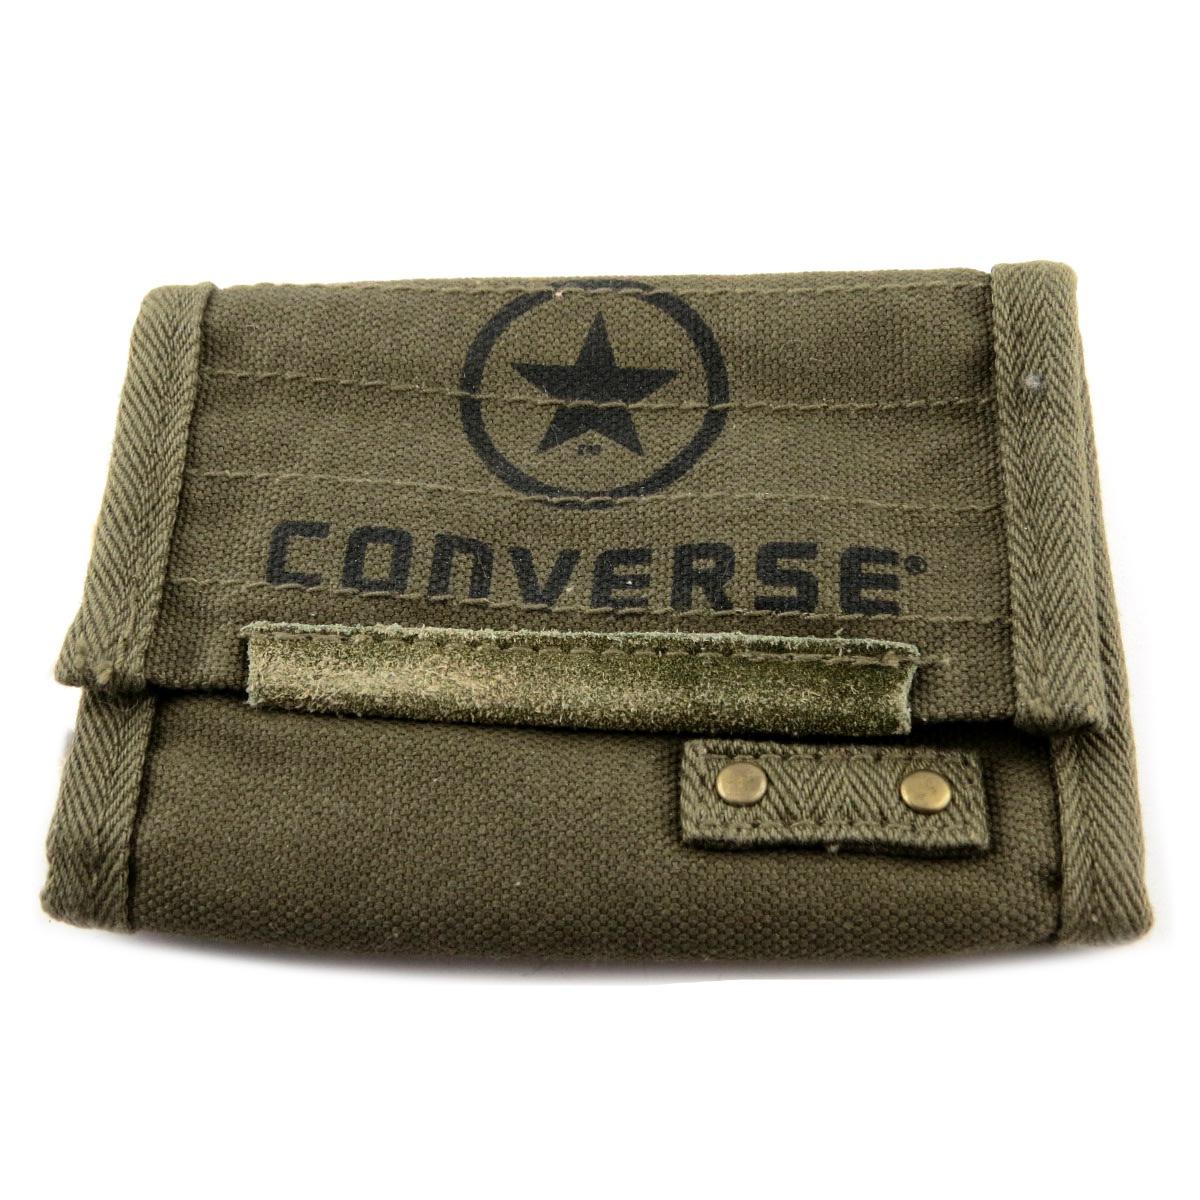 Portefeuille \'Converse\' kaki vintage - 125x95 cm - [R2742]